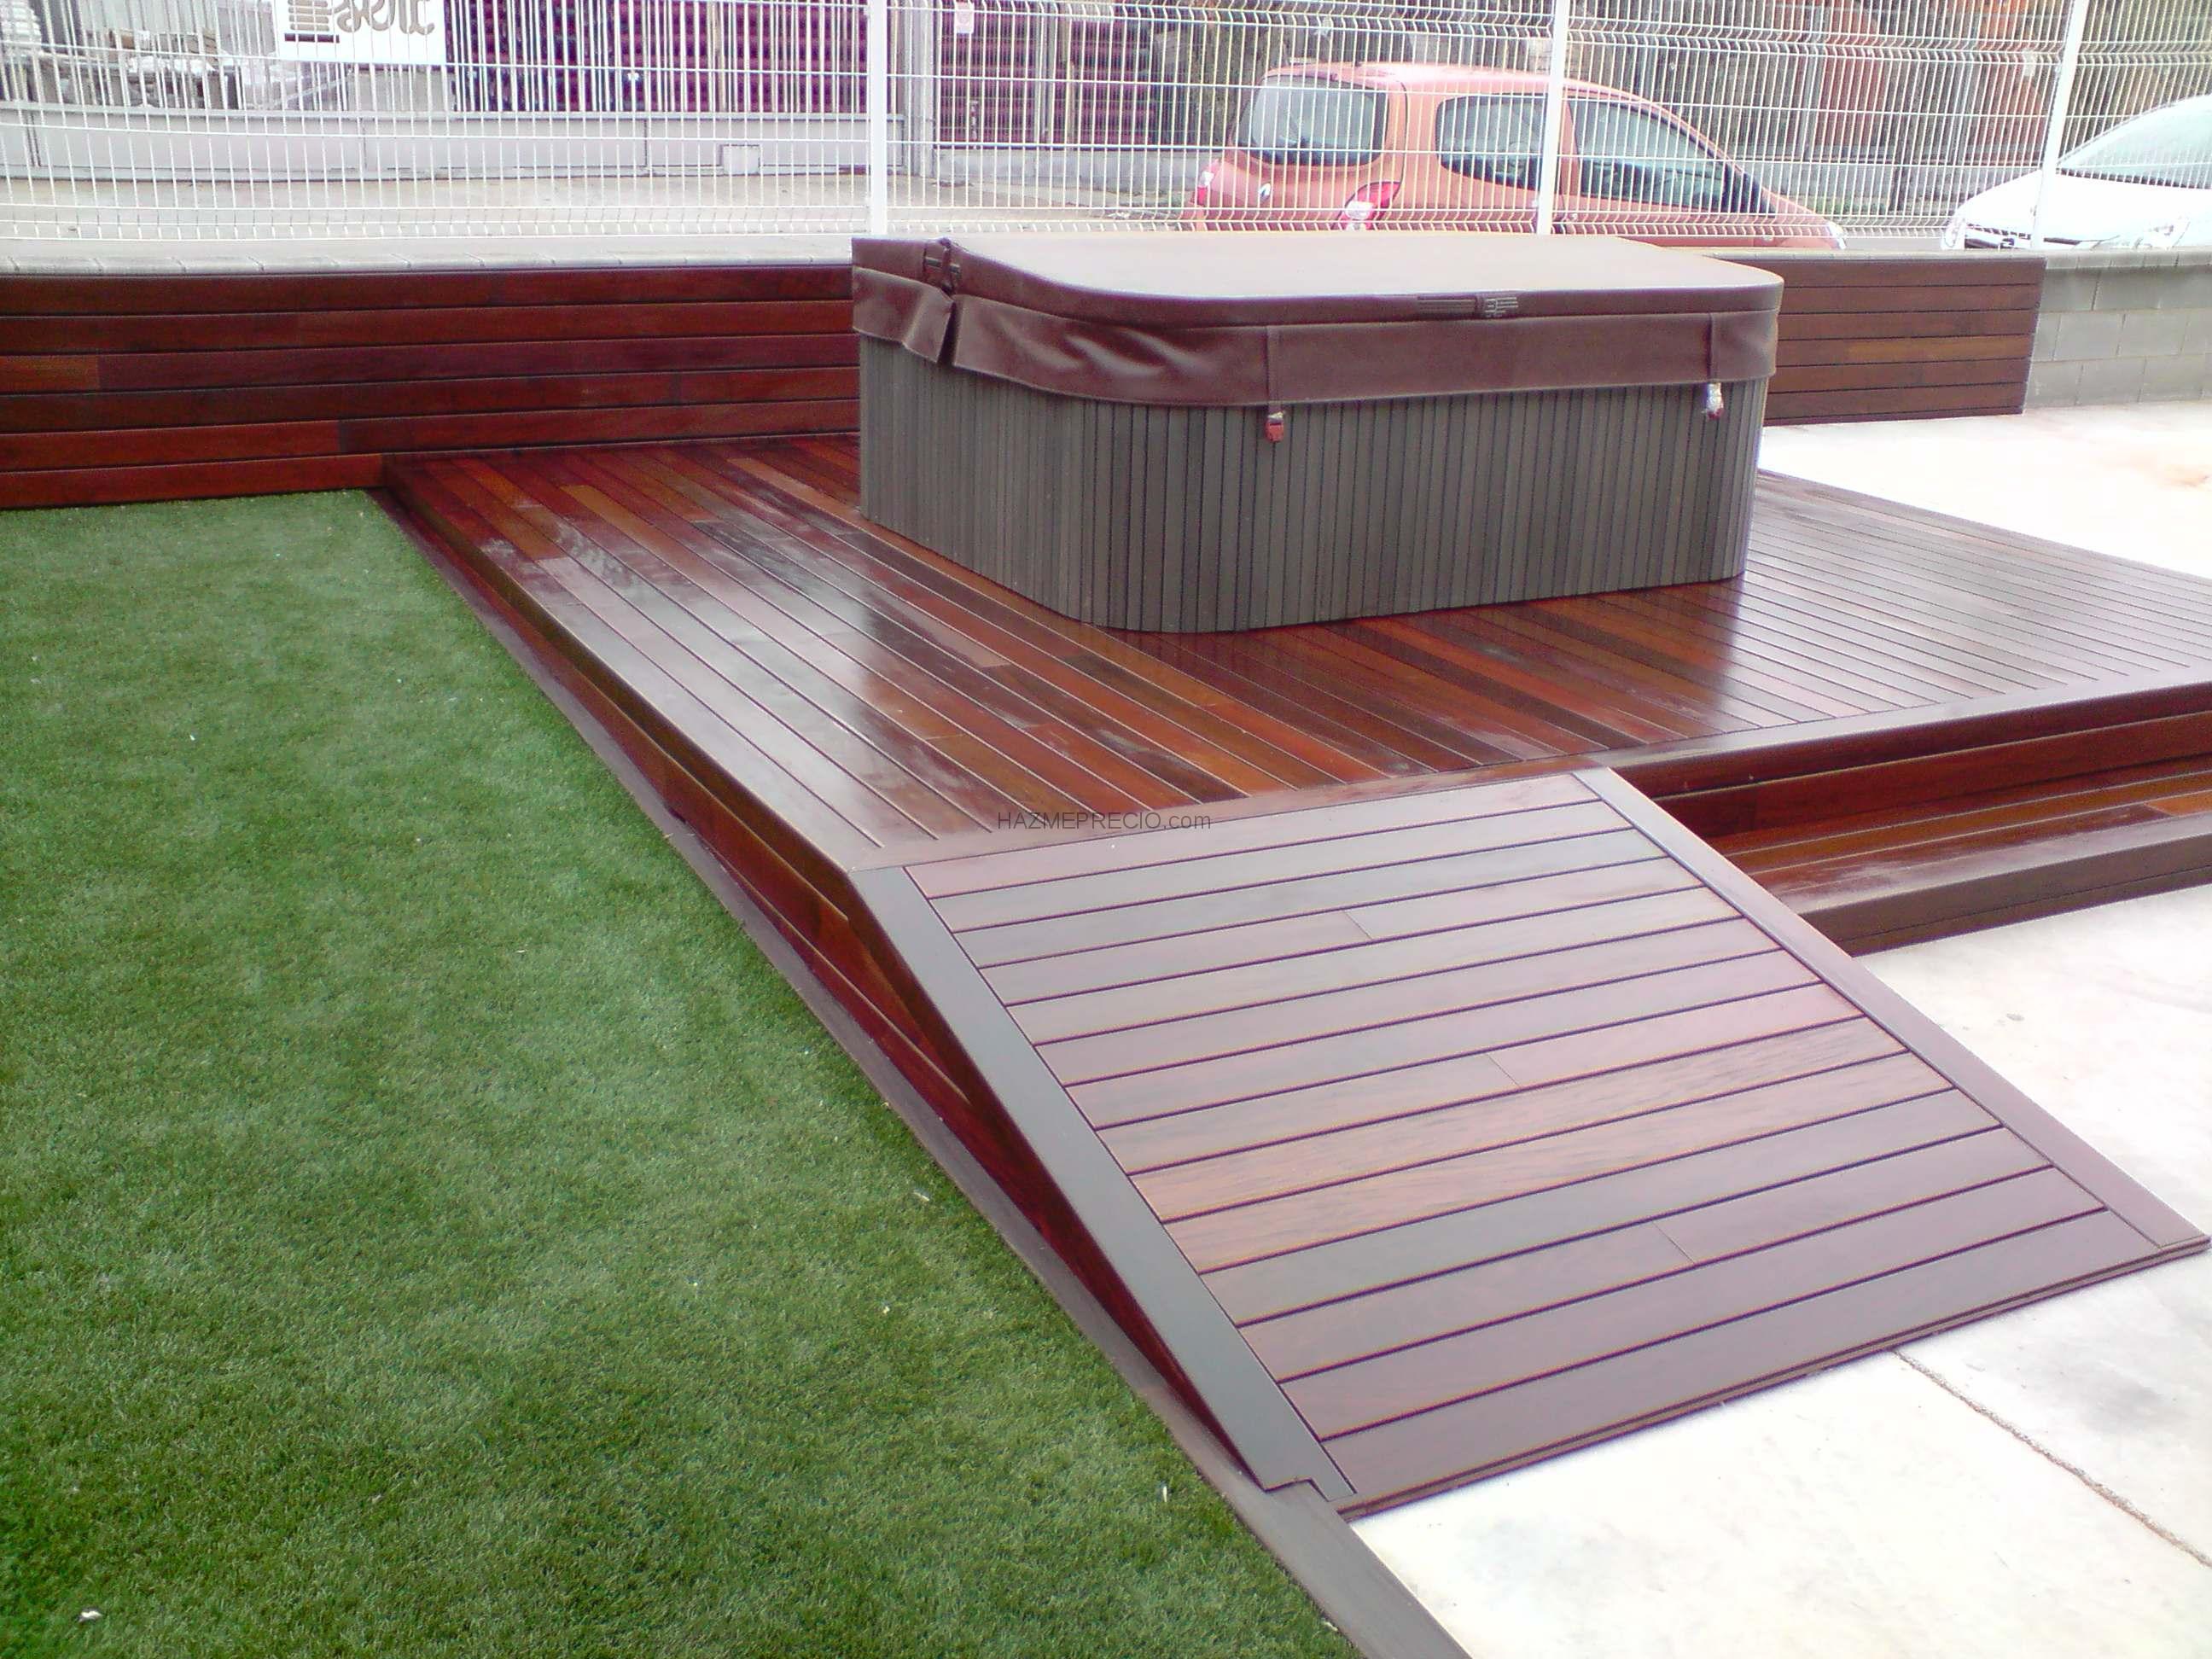 Presupuesto para colocar tarima flotante piso de 100 m2 for Presupuesto tarima flotante